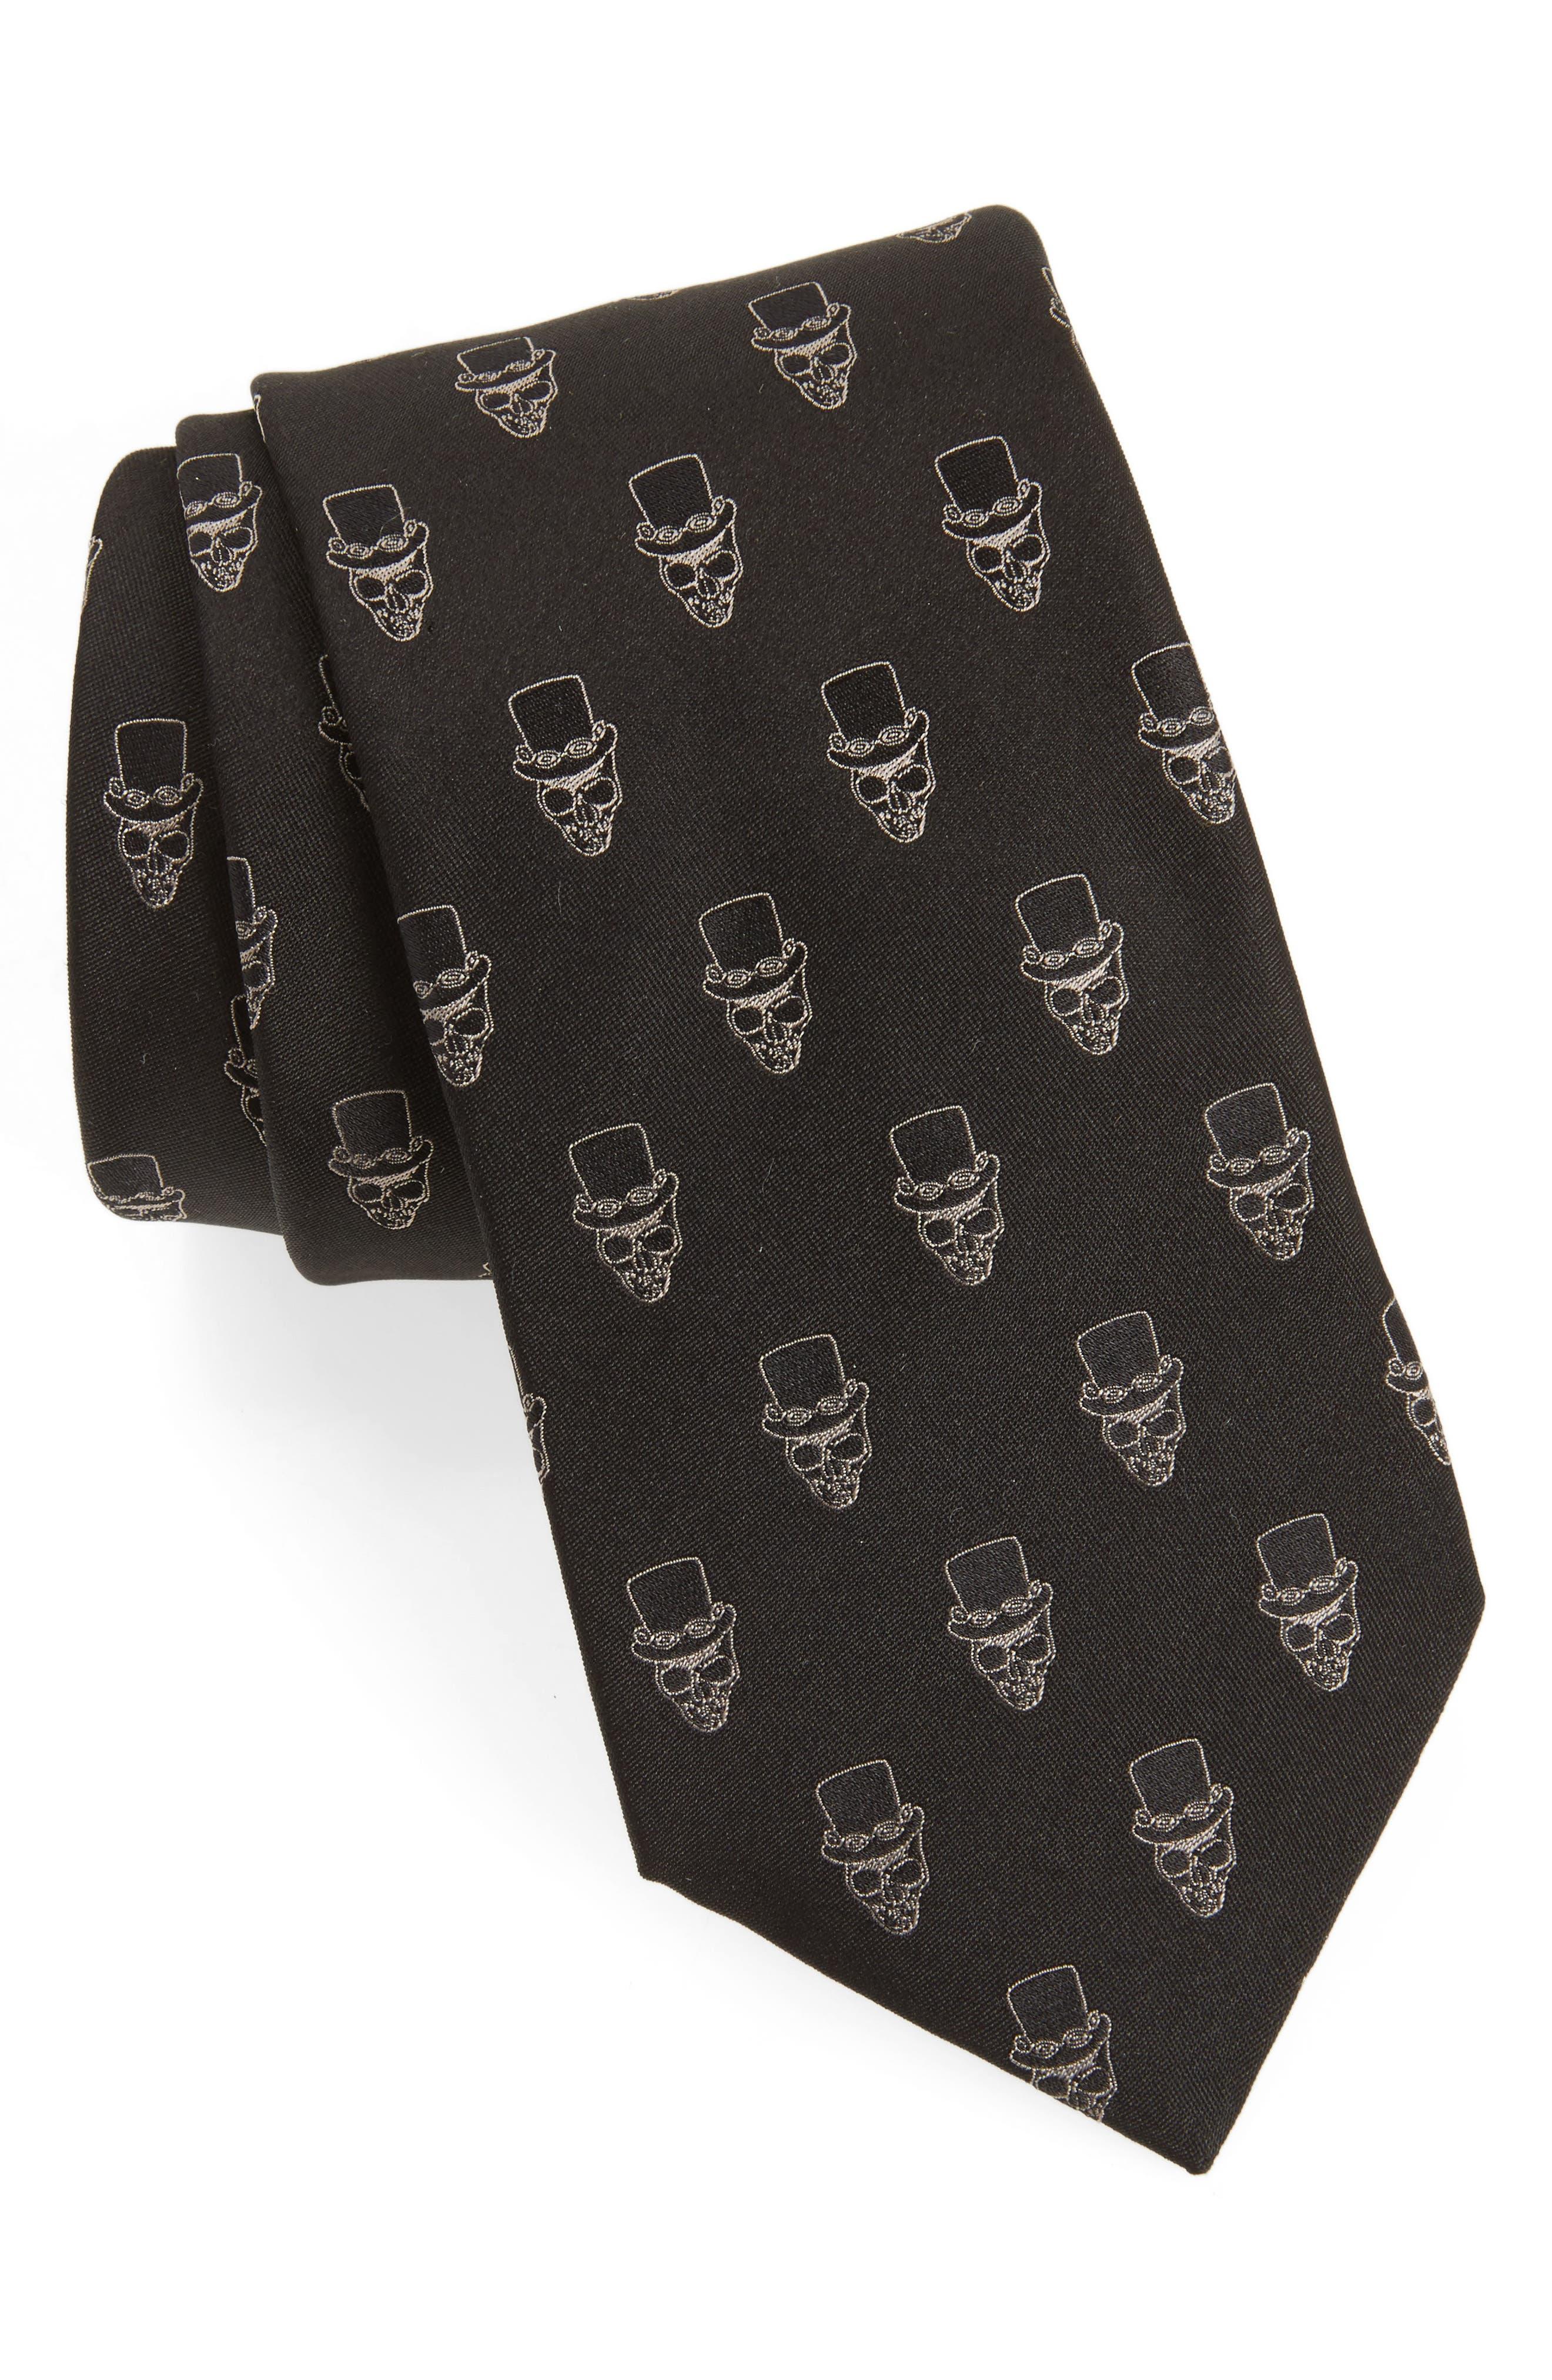 Skull Top Hat Silk Tie,                         Main,                         color, Black